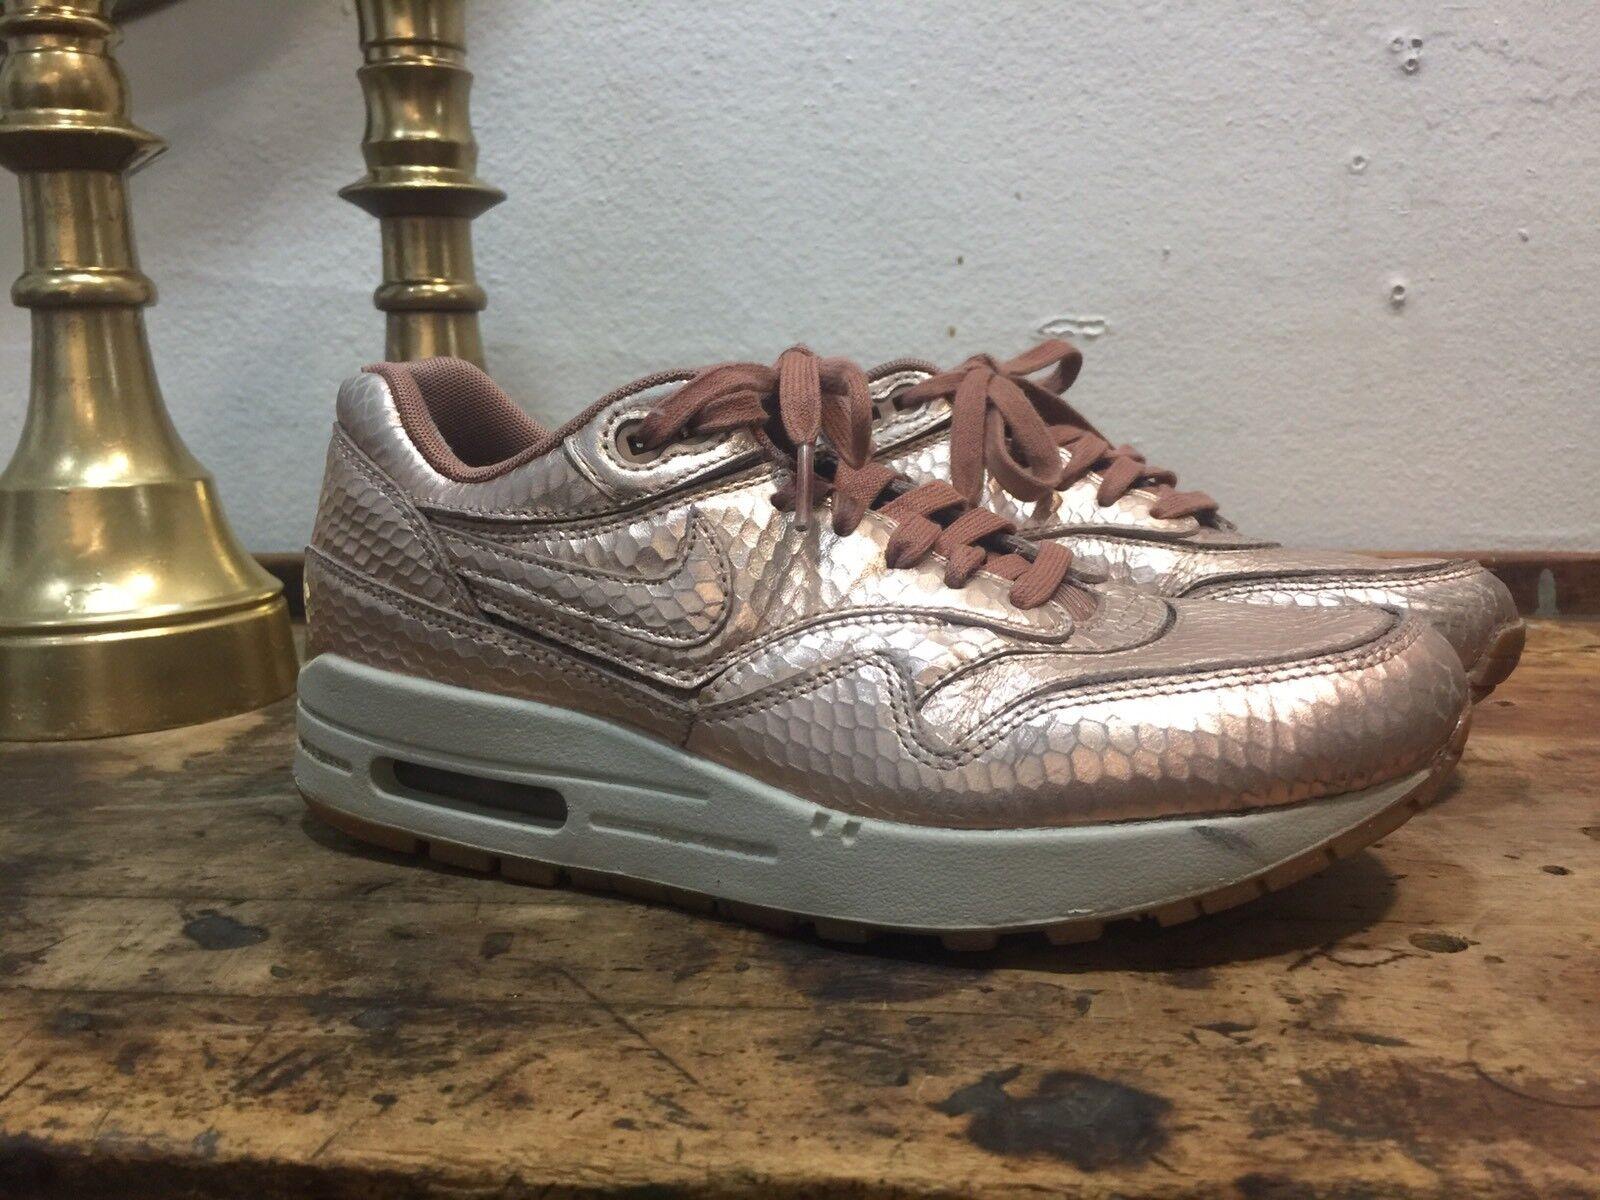 Nike air max 1 bronzo tagliato donne dimensioni 7 am1 rosa d'oro 644398-900 | Up-to-date Styling  | Uomo/Donne Scarpa